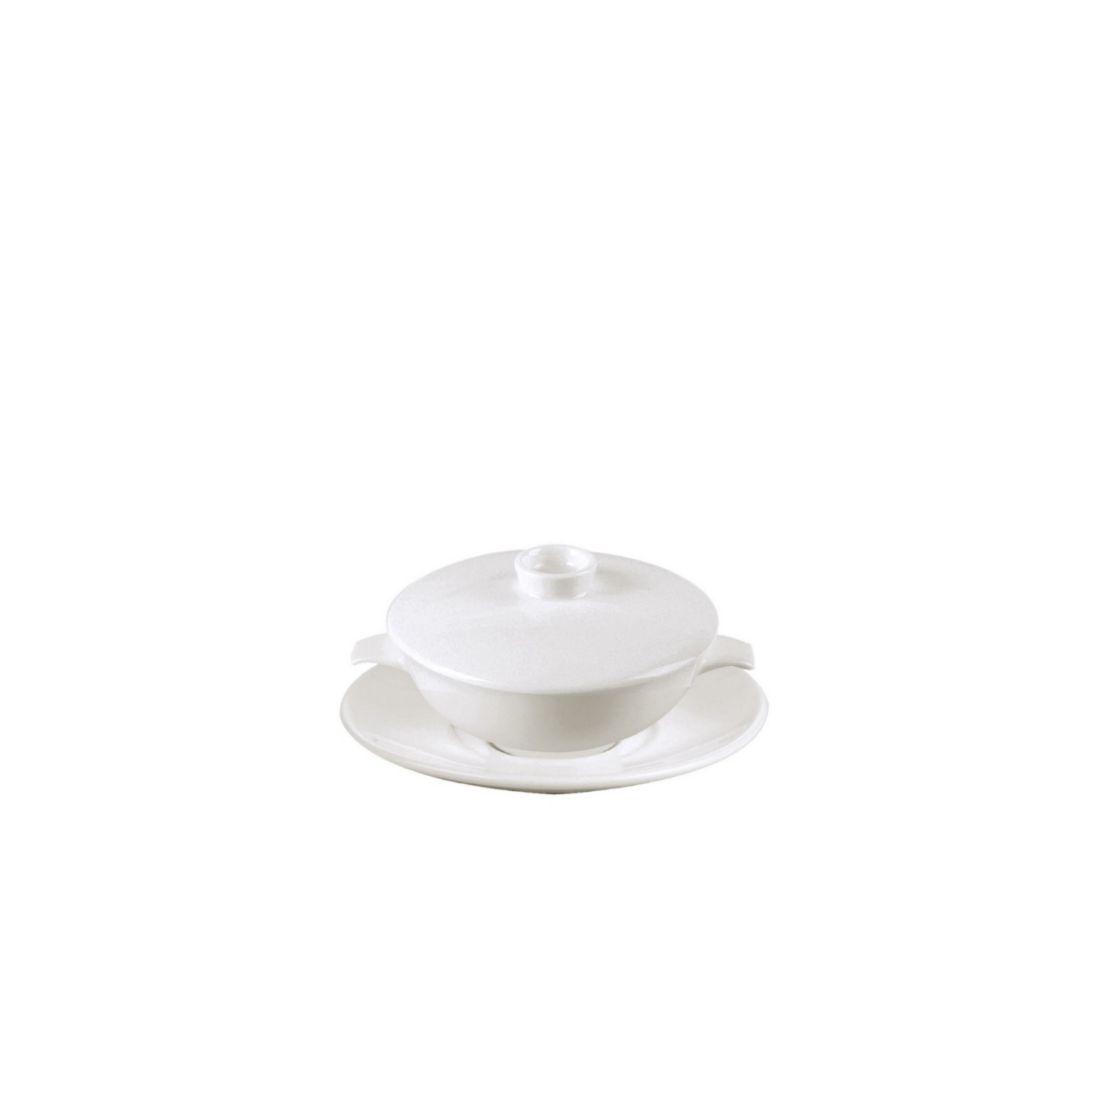 Víčko pro misku na polévku NNCS27